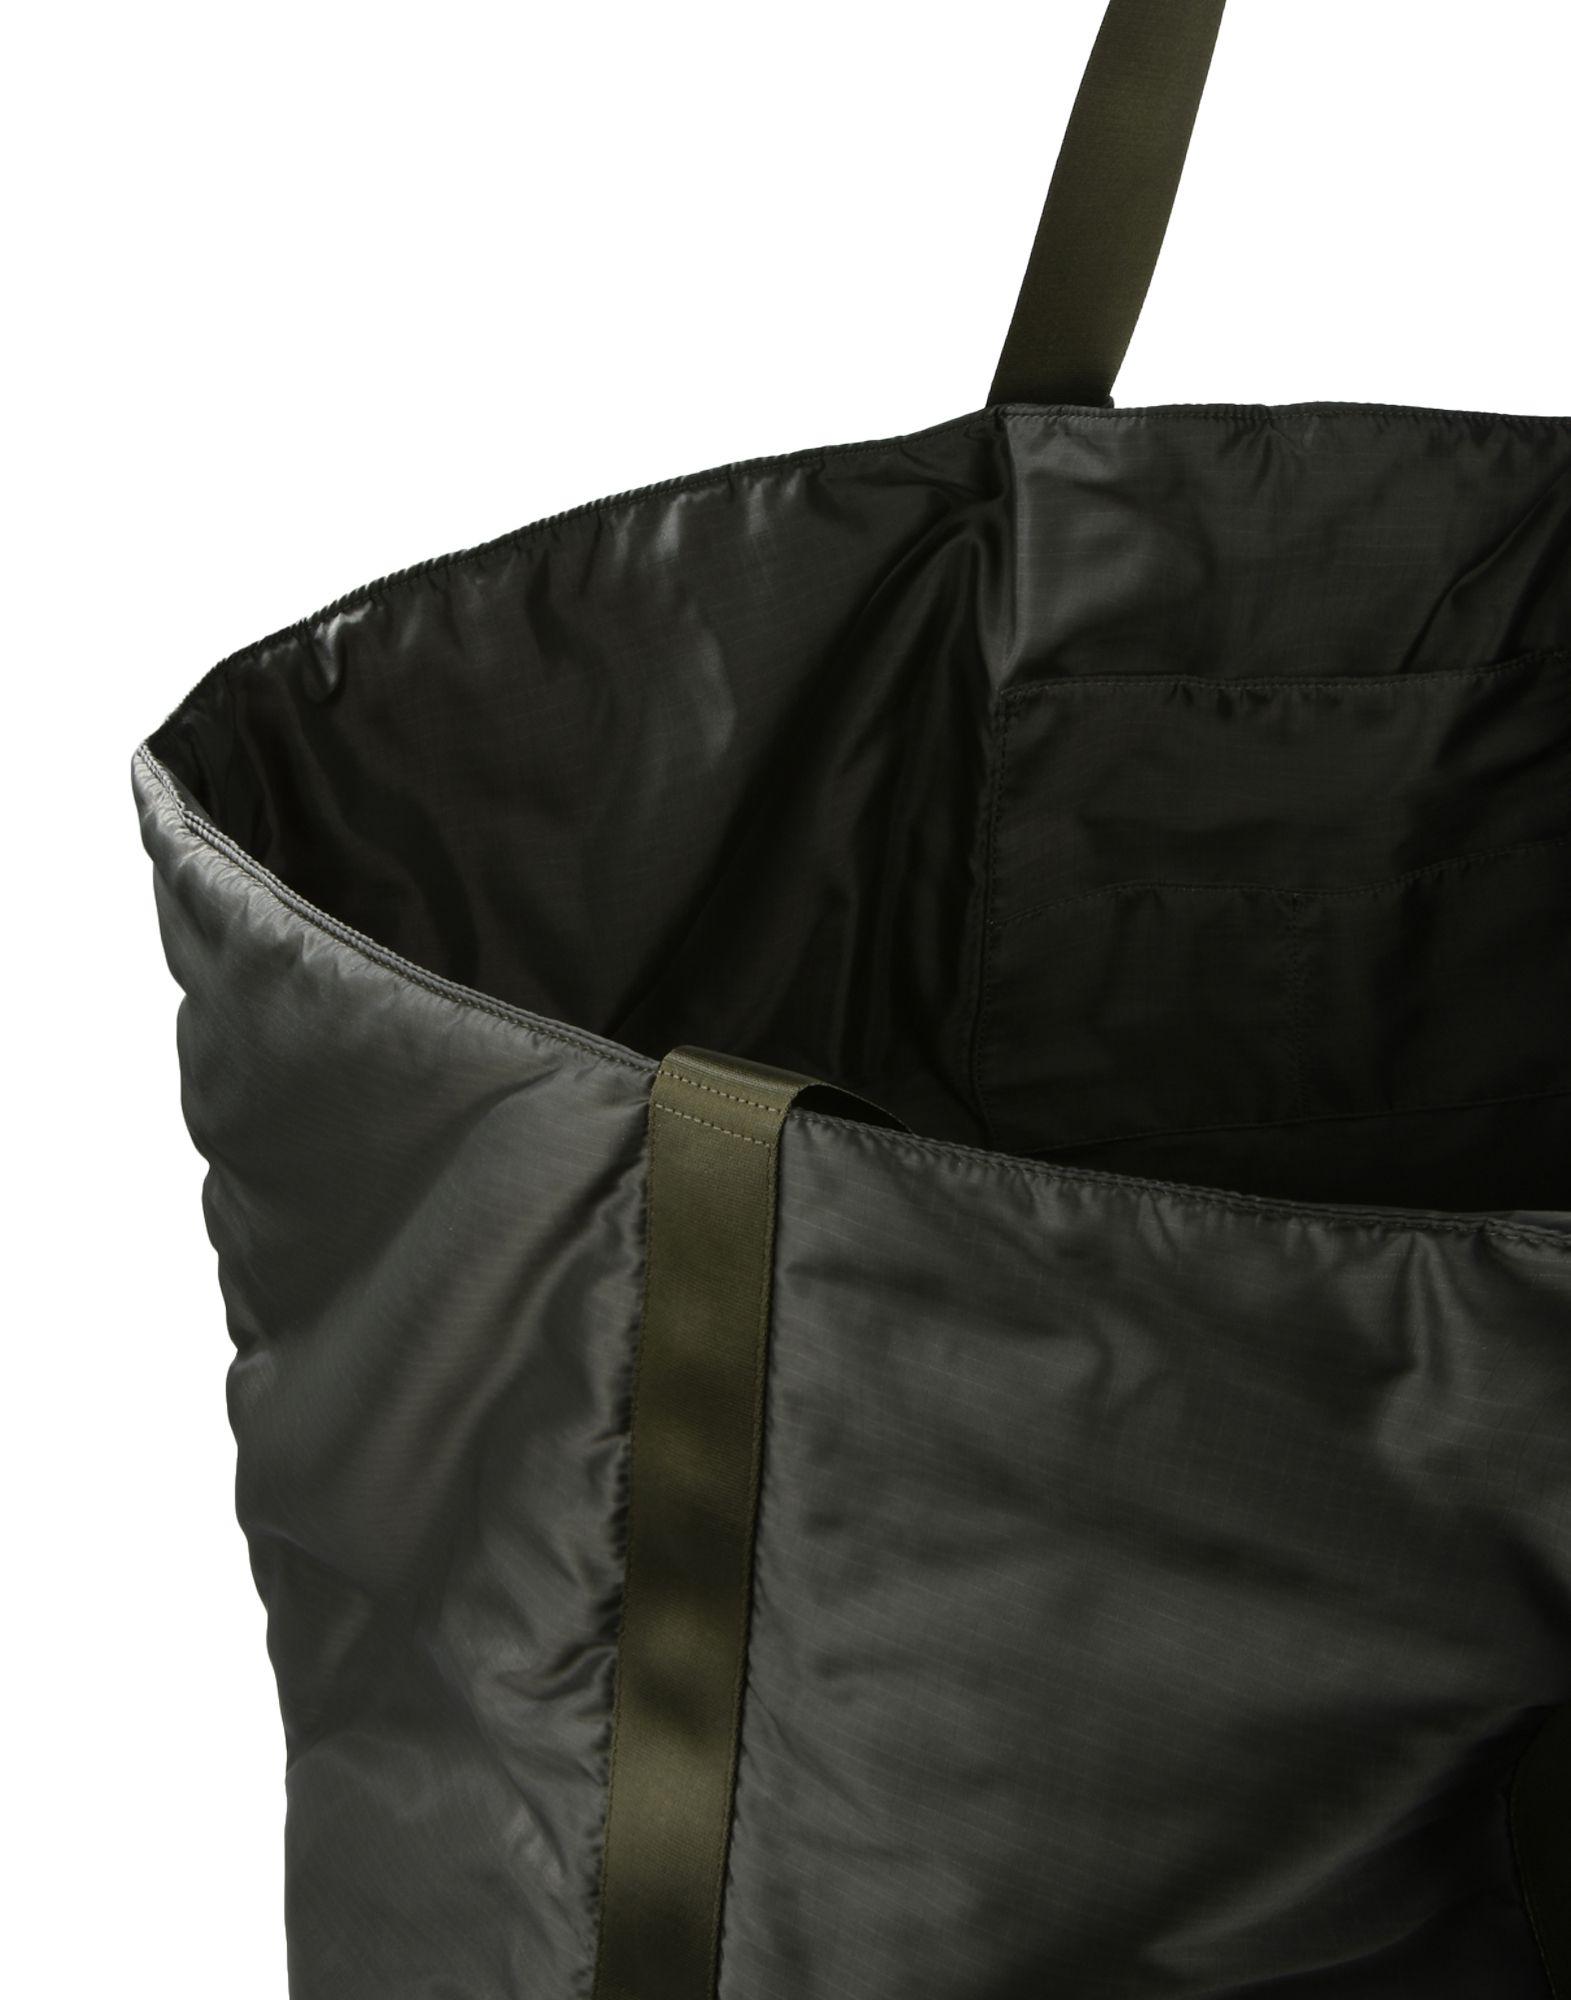 Weekend bag - JIL SANDER Online Store